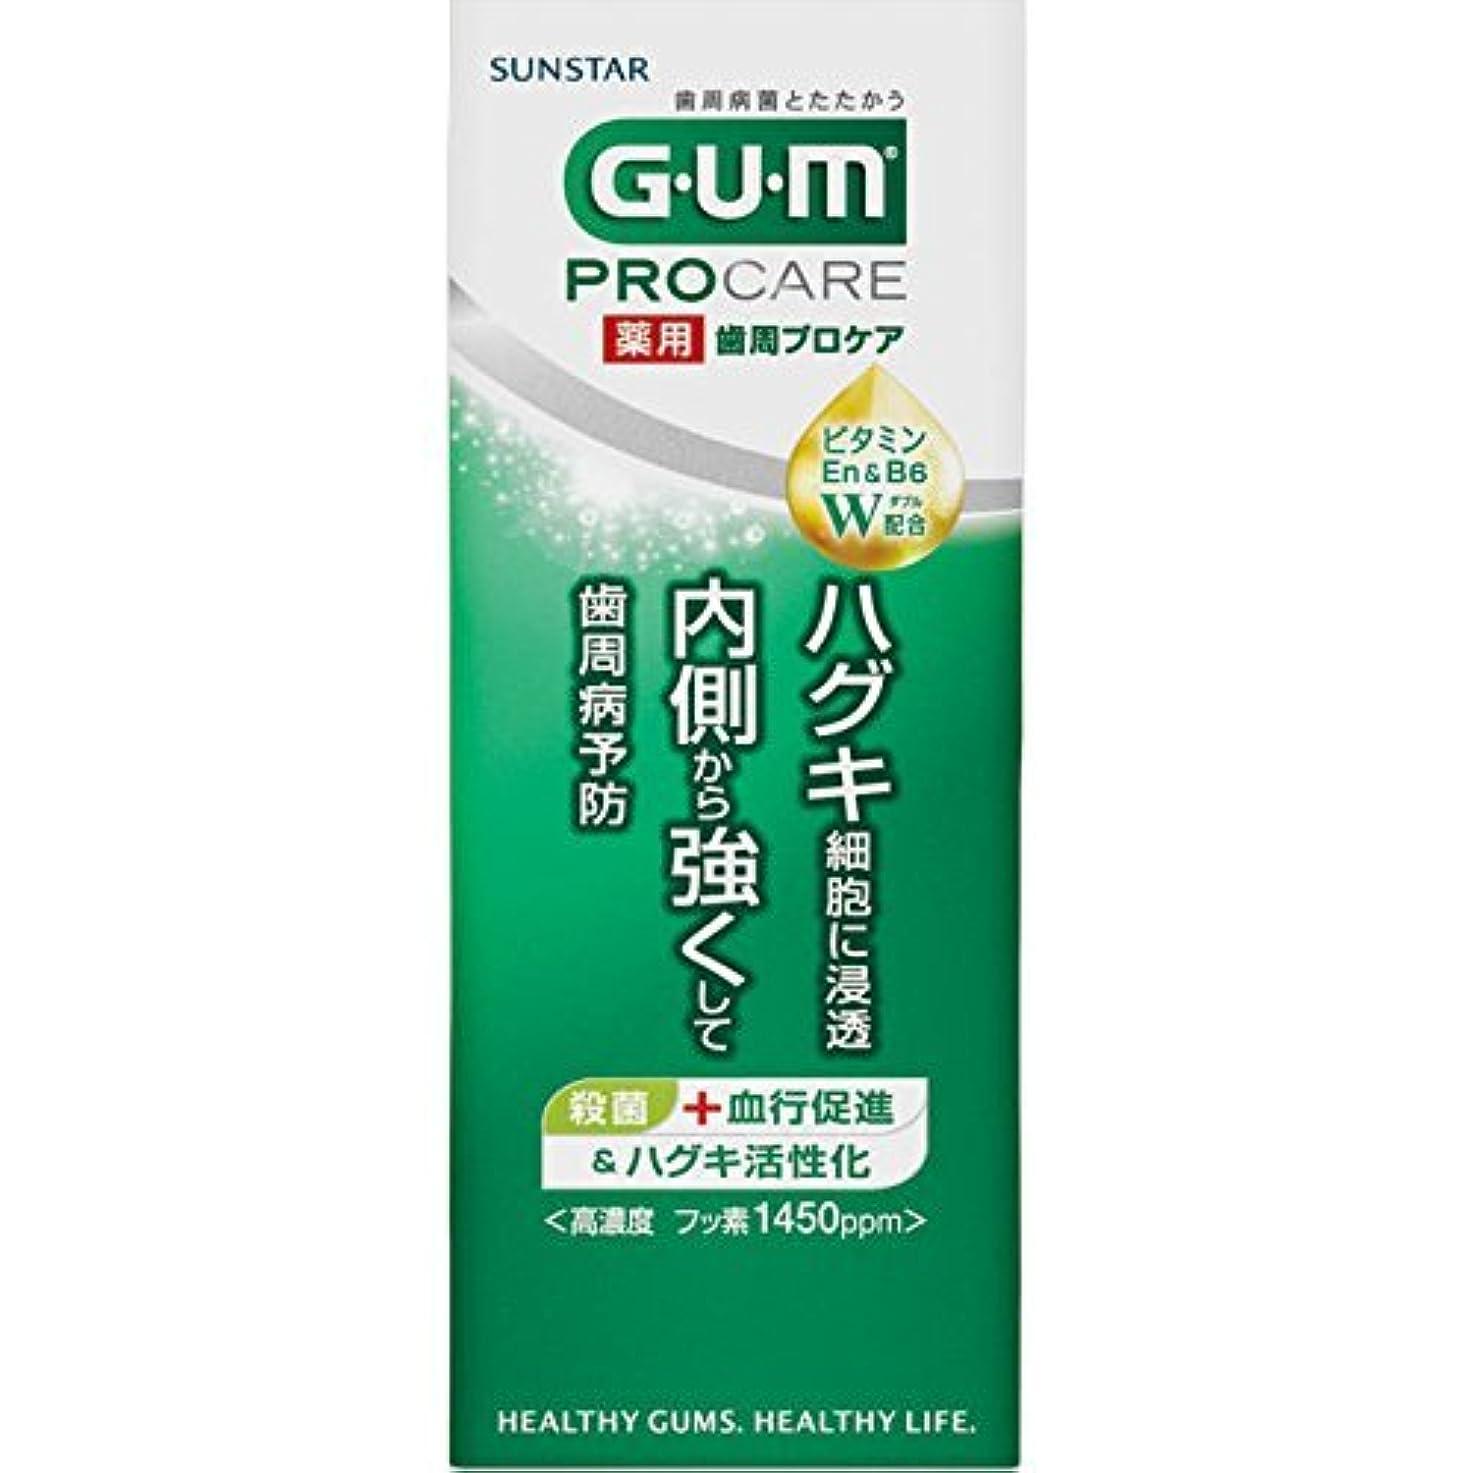 オセアニア太鼓腹ループ[医薬部外品] GUM(ガム) 歯周プロケア 歯みがき 50g <歯周病予防 ハグキケア 高濃度フッ素配合1,450ppm>